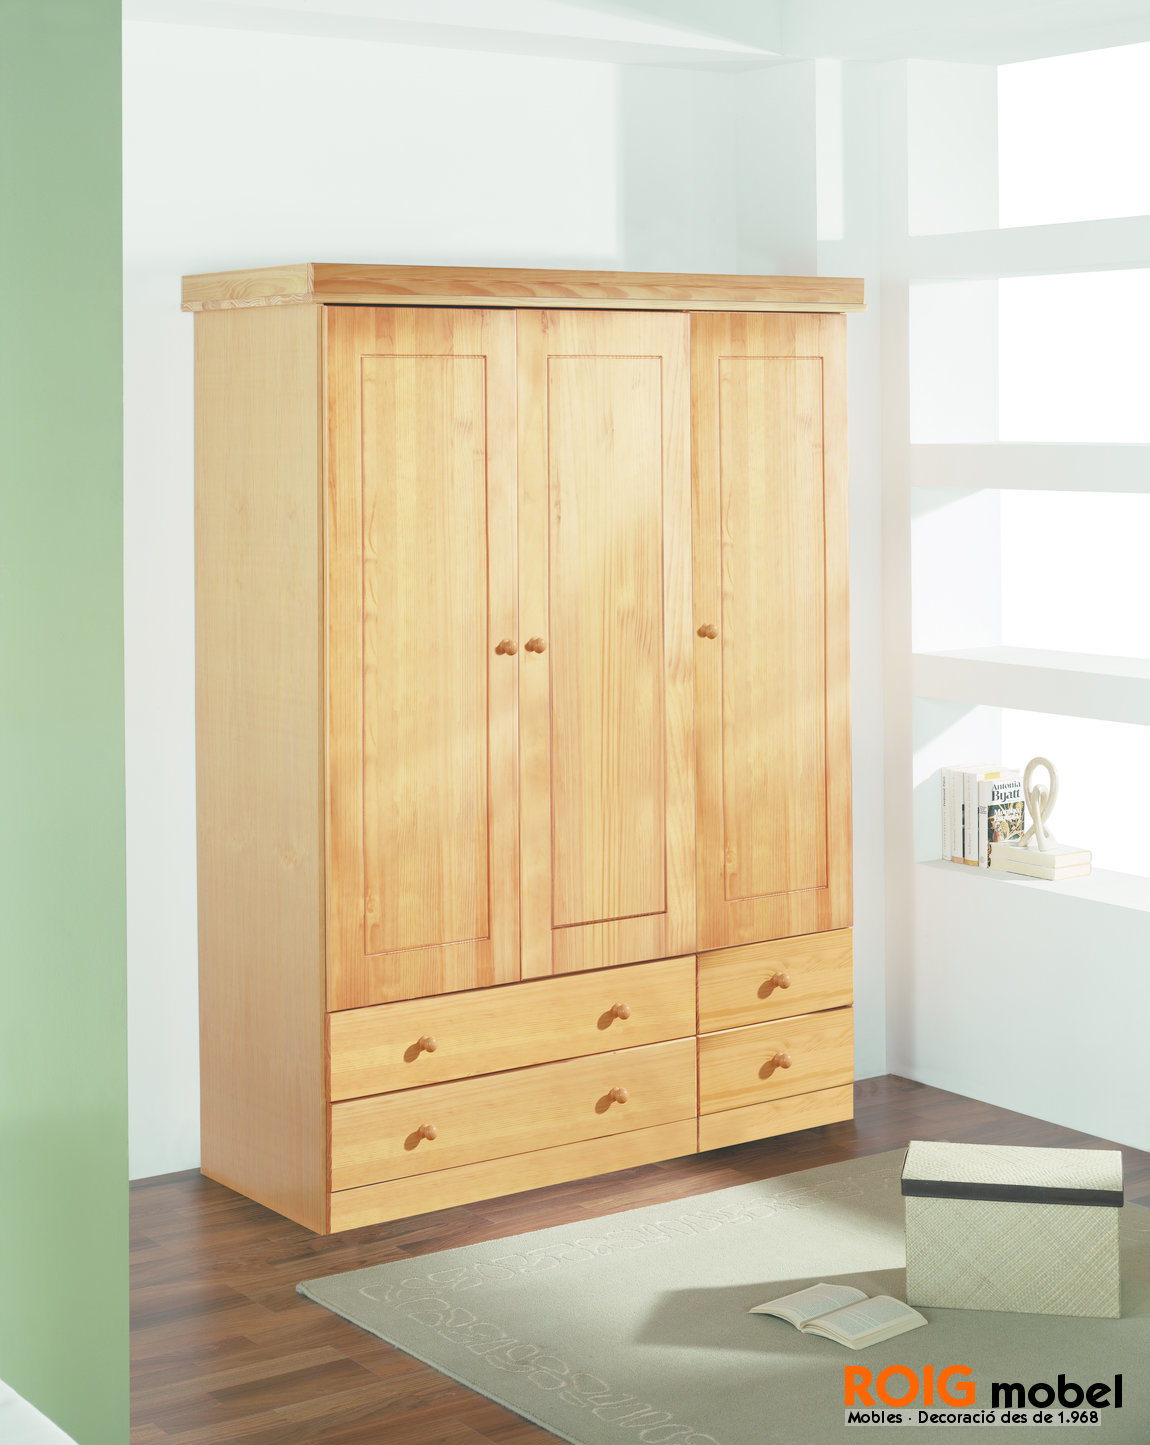 30 4 armarios rusticos urbanos mueble r stico y for Outlet muebles rusticos